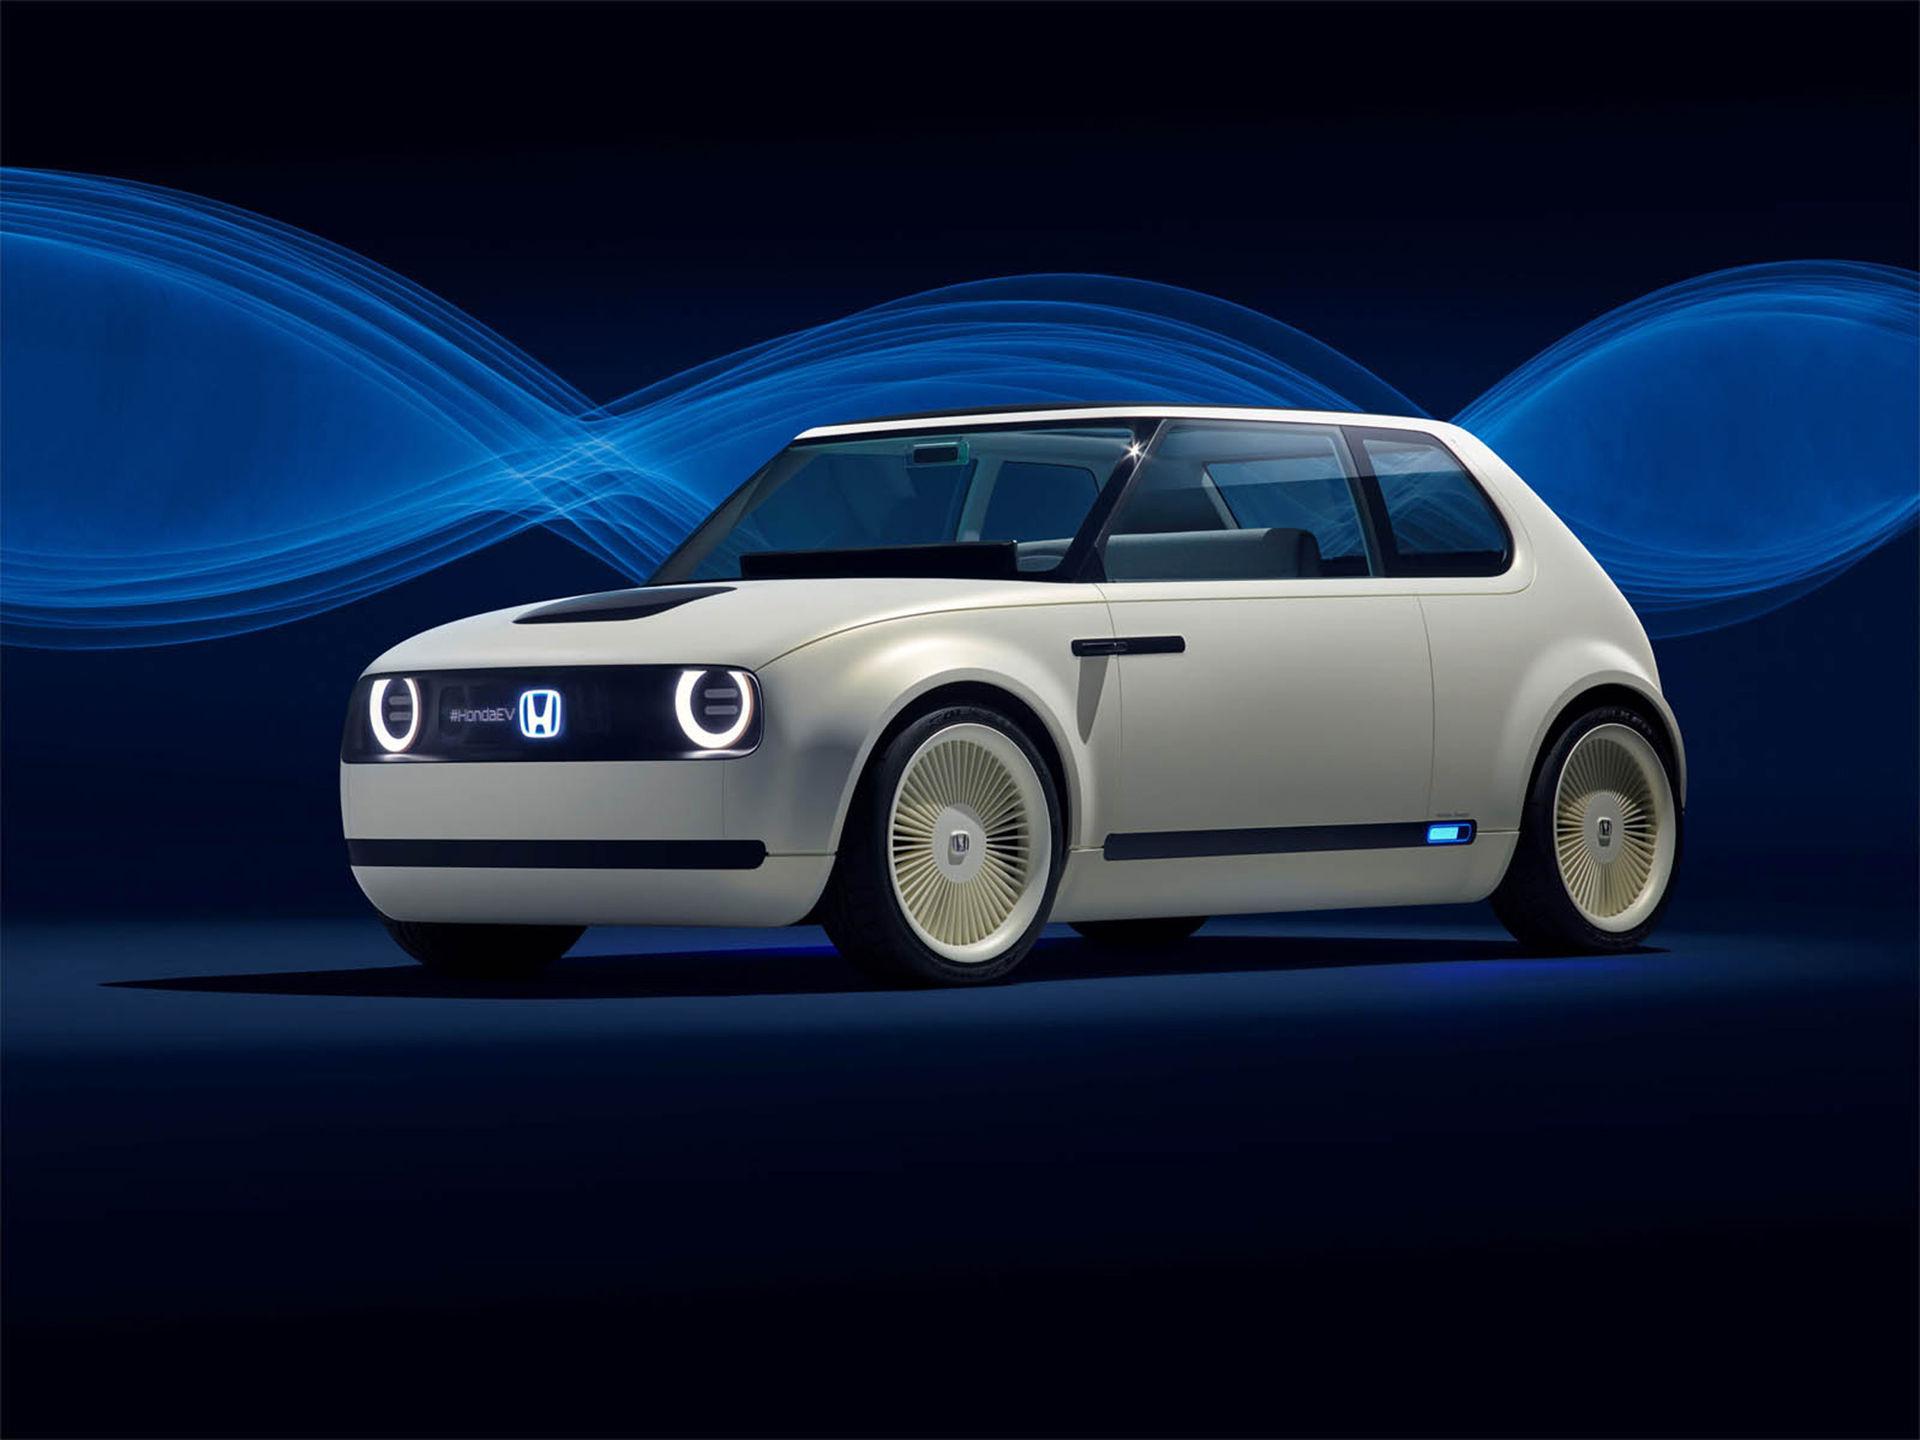 Retrotufft elbilskoncept från Honda